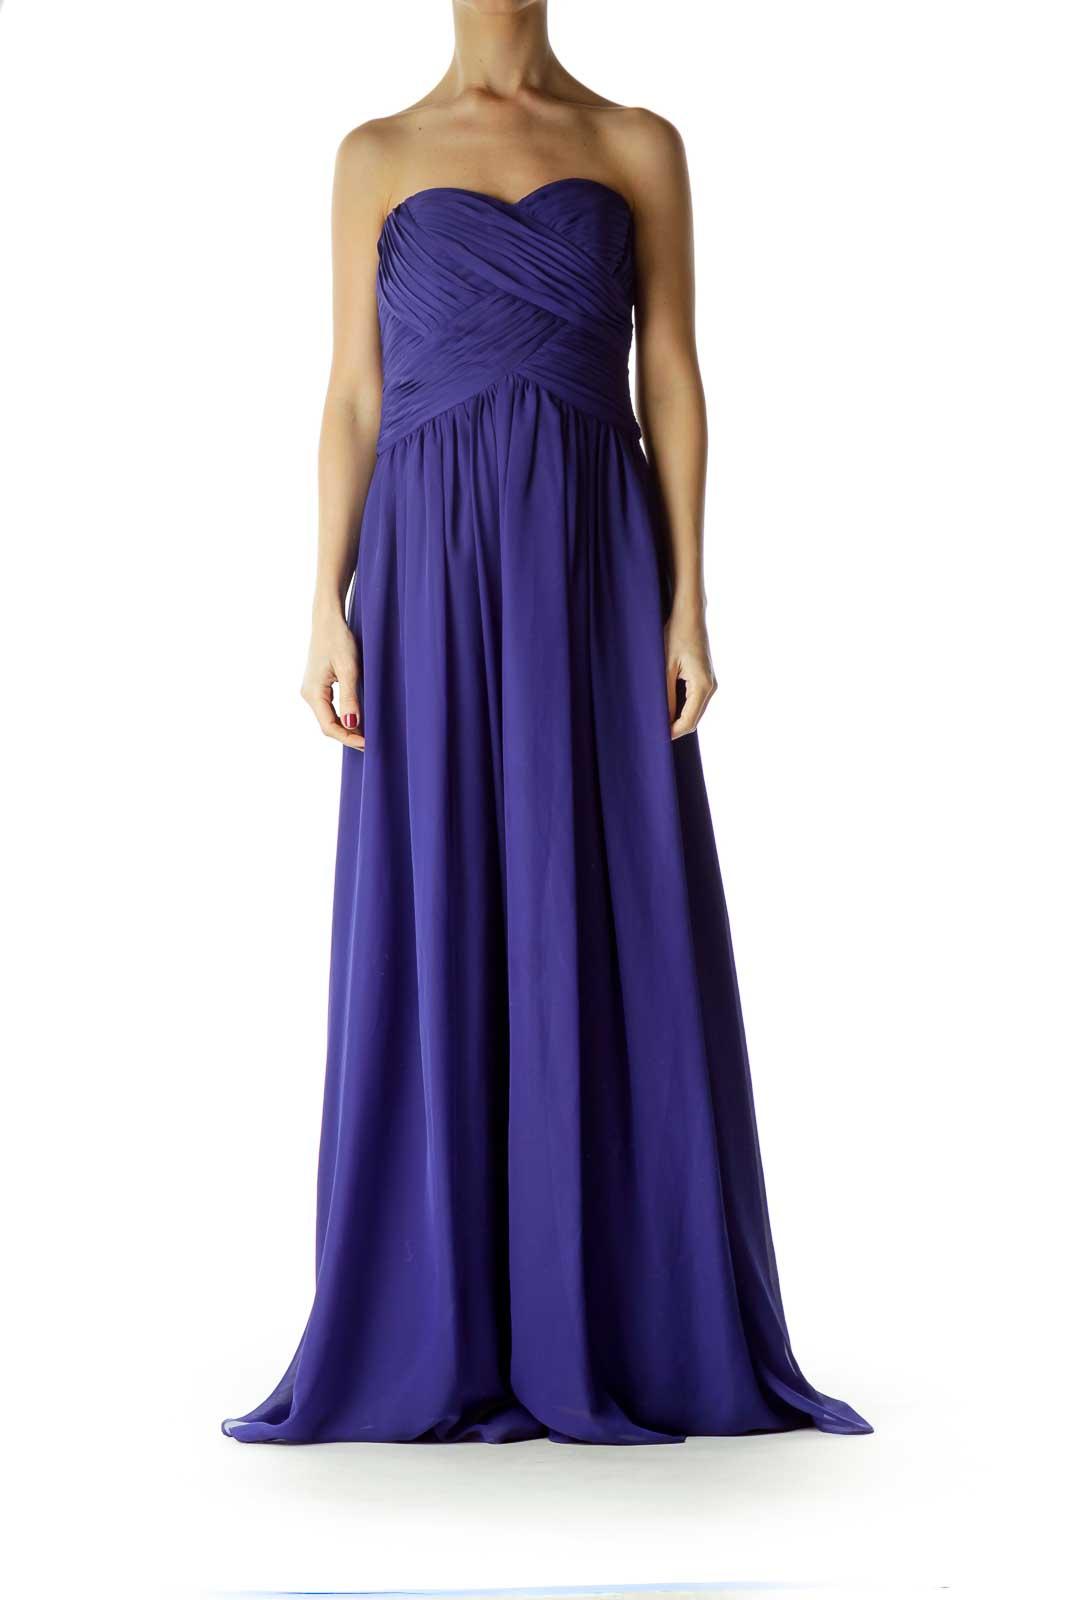 Blue Strapless Empire Waist Evening Dress Front